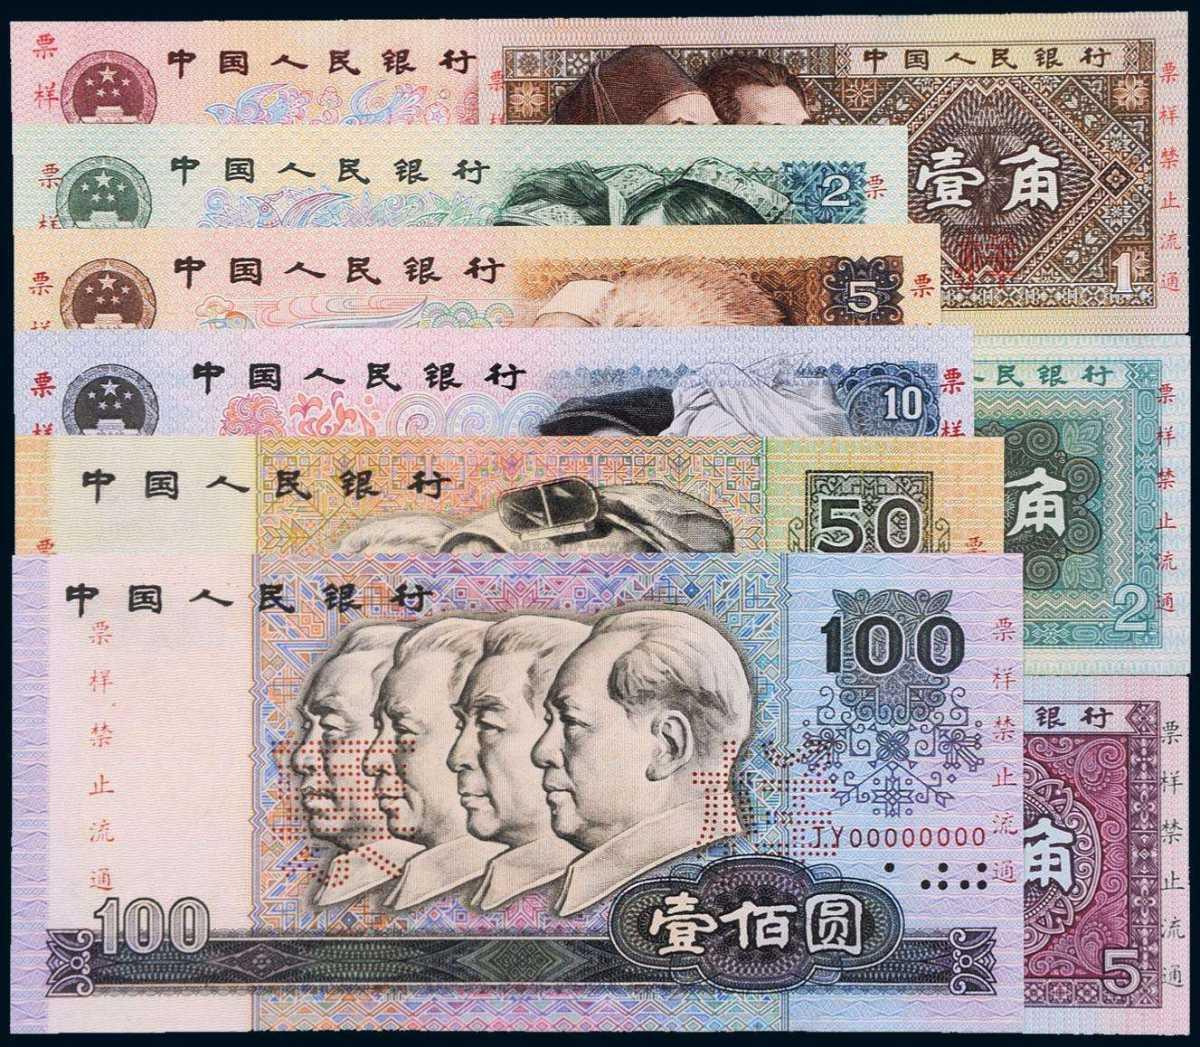 浅谈第四套人民币的收藏价值